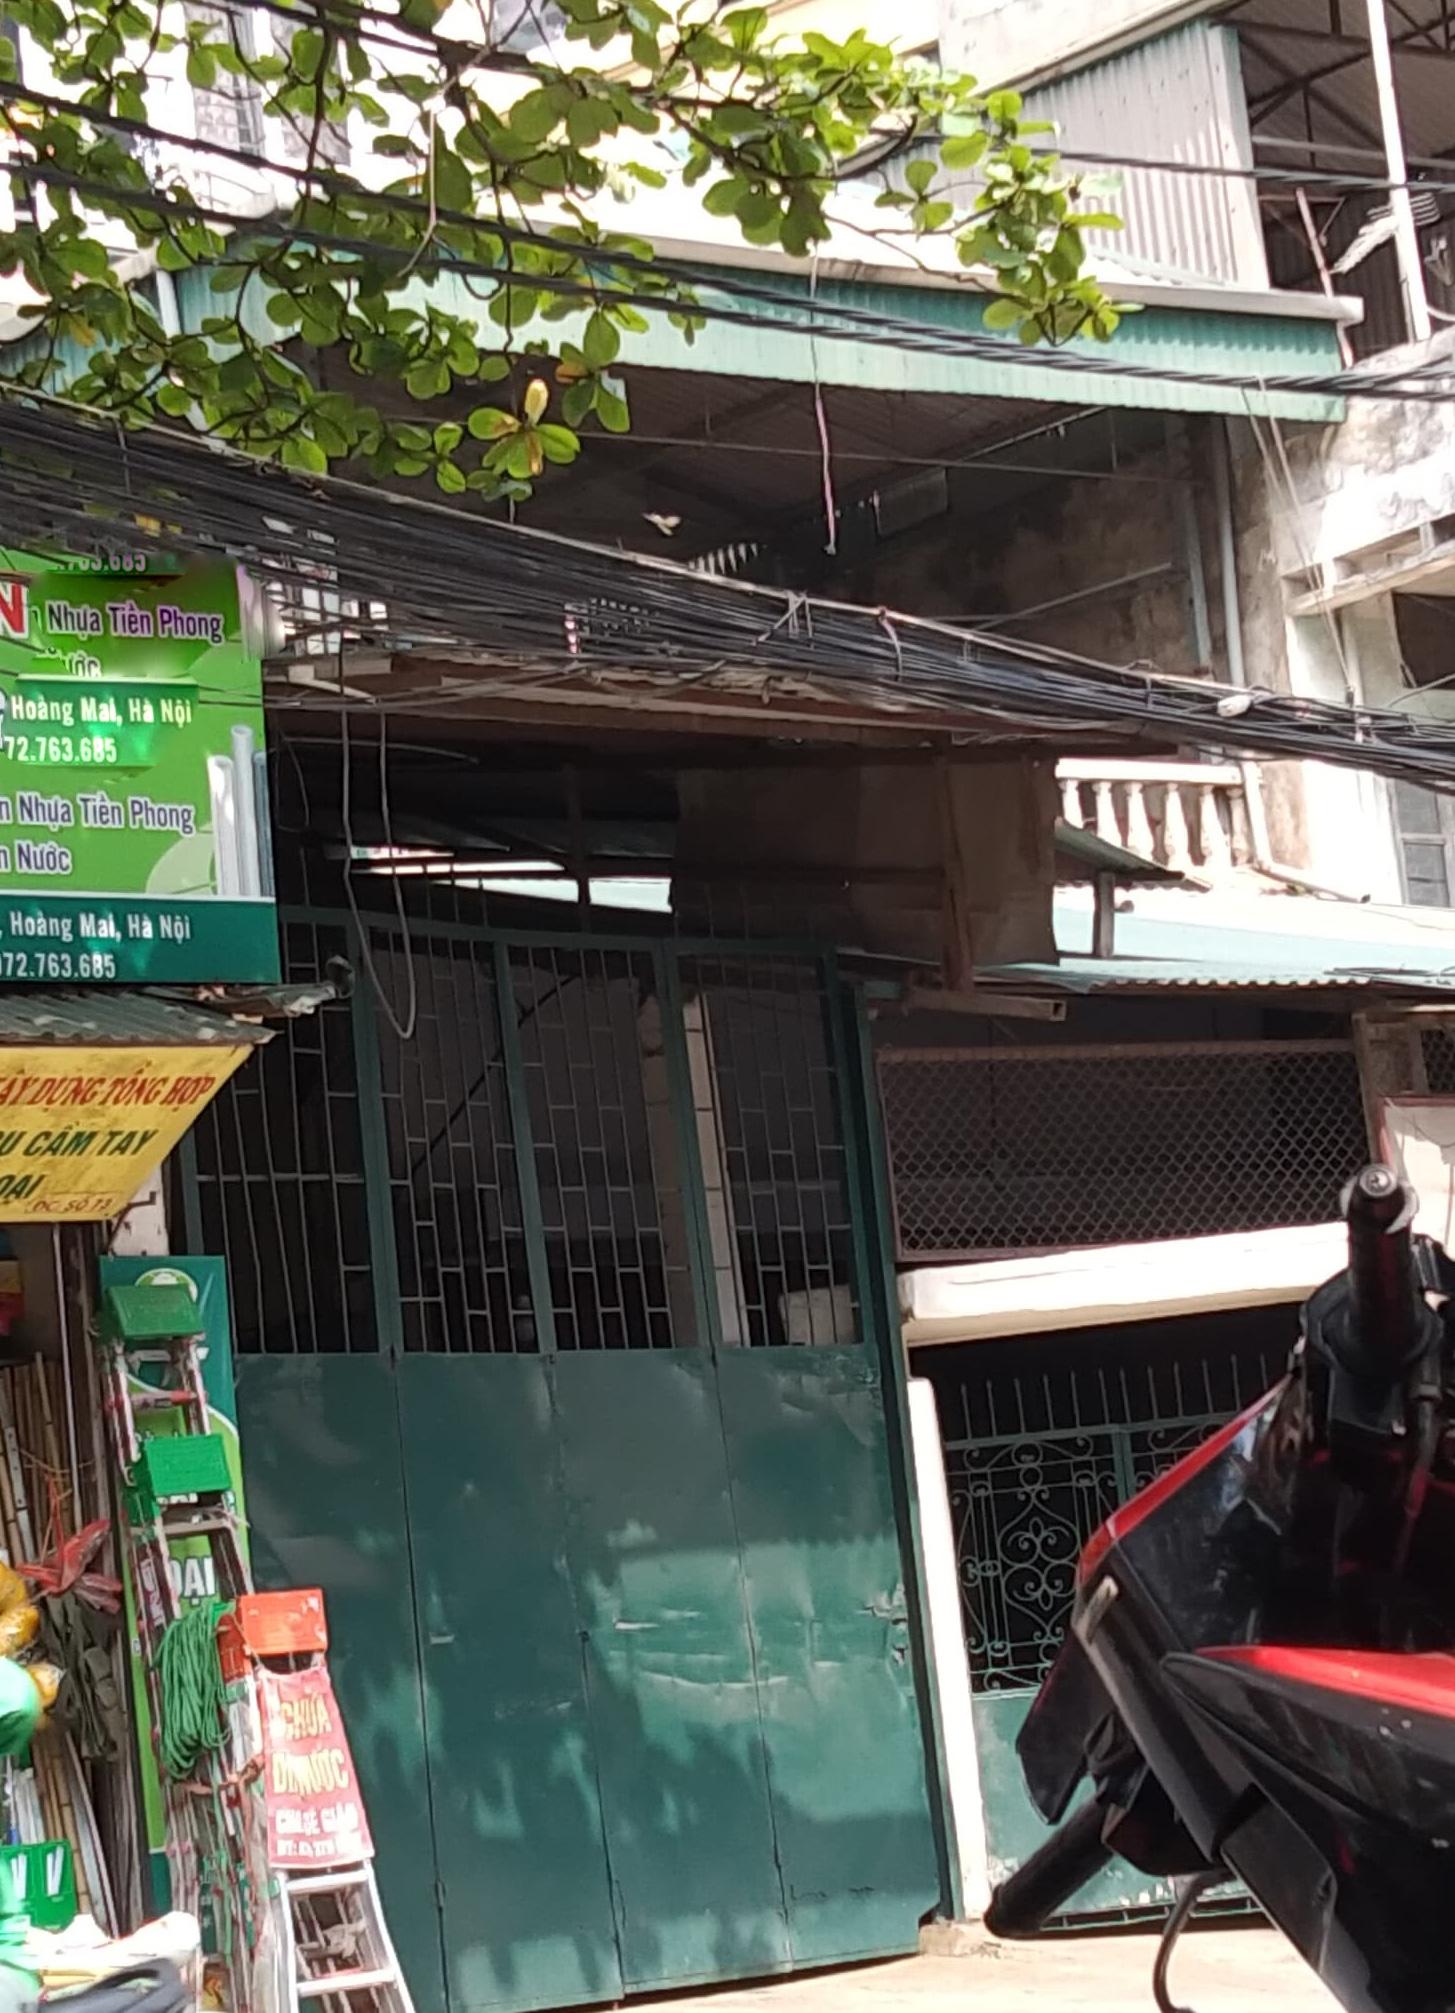 """Lò mổ gia súc không phép """"tra tấn"""" người dân Thủ đô Hà  Nội - Ảnh 3."""